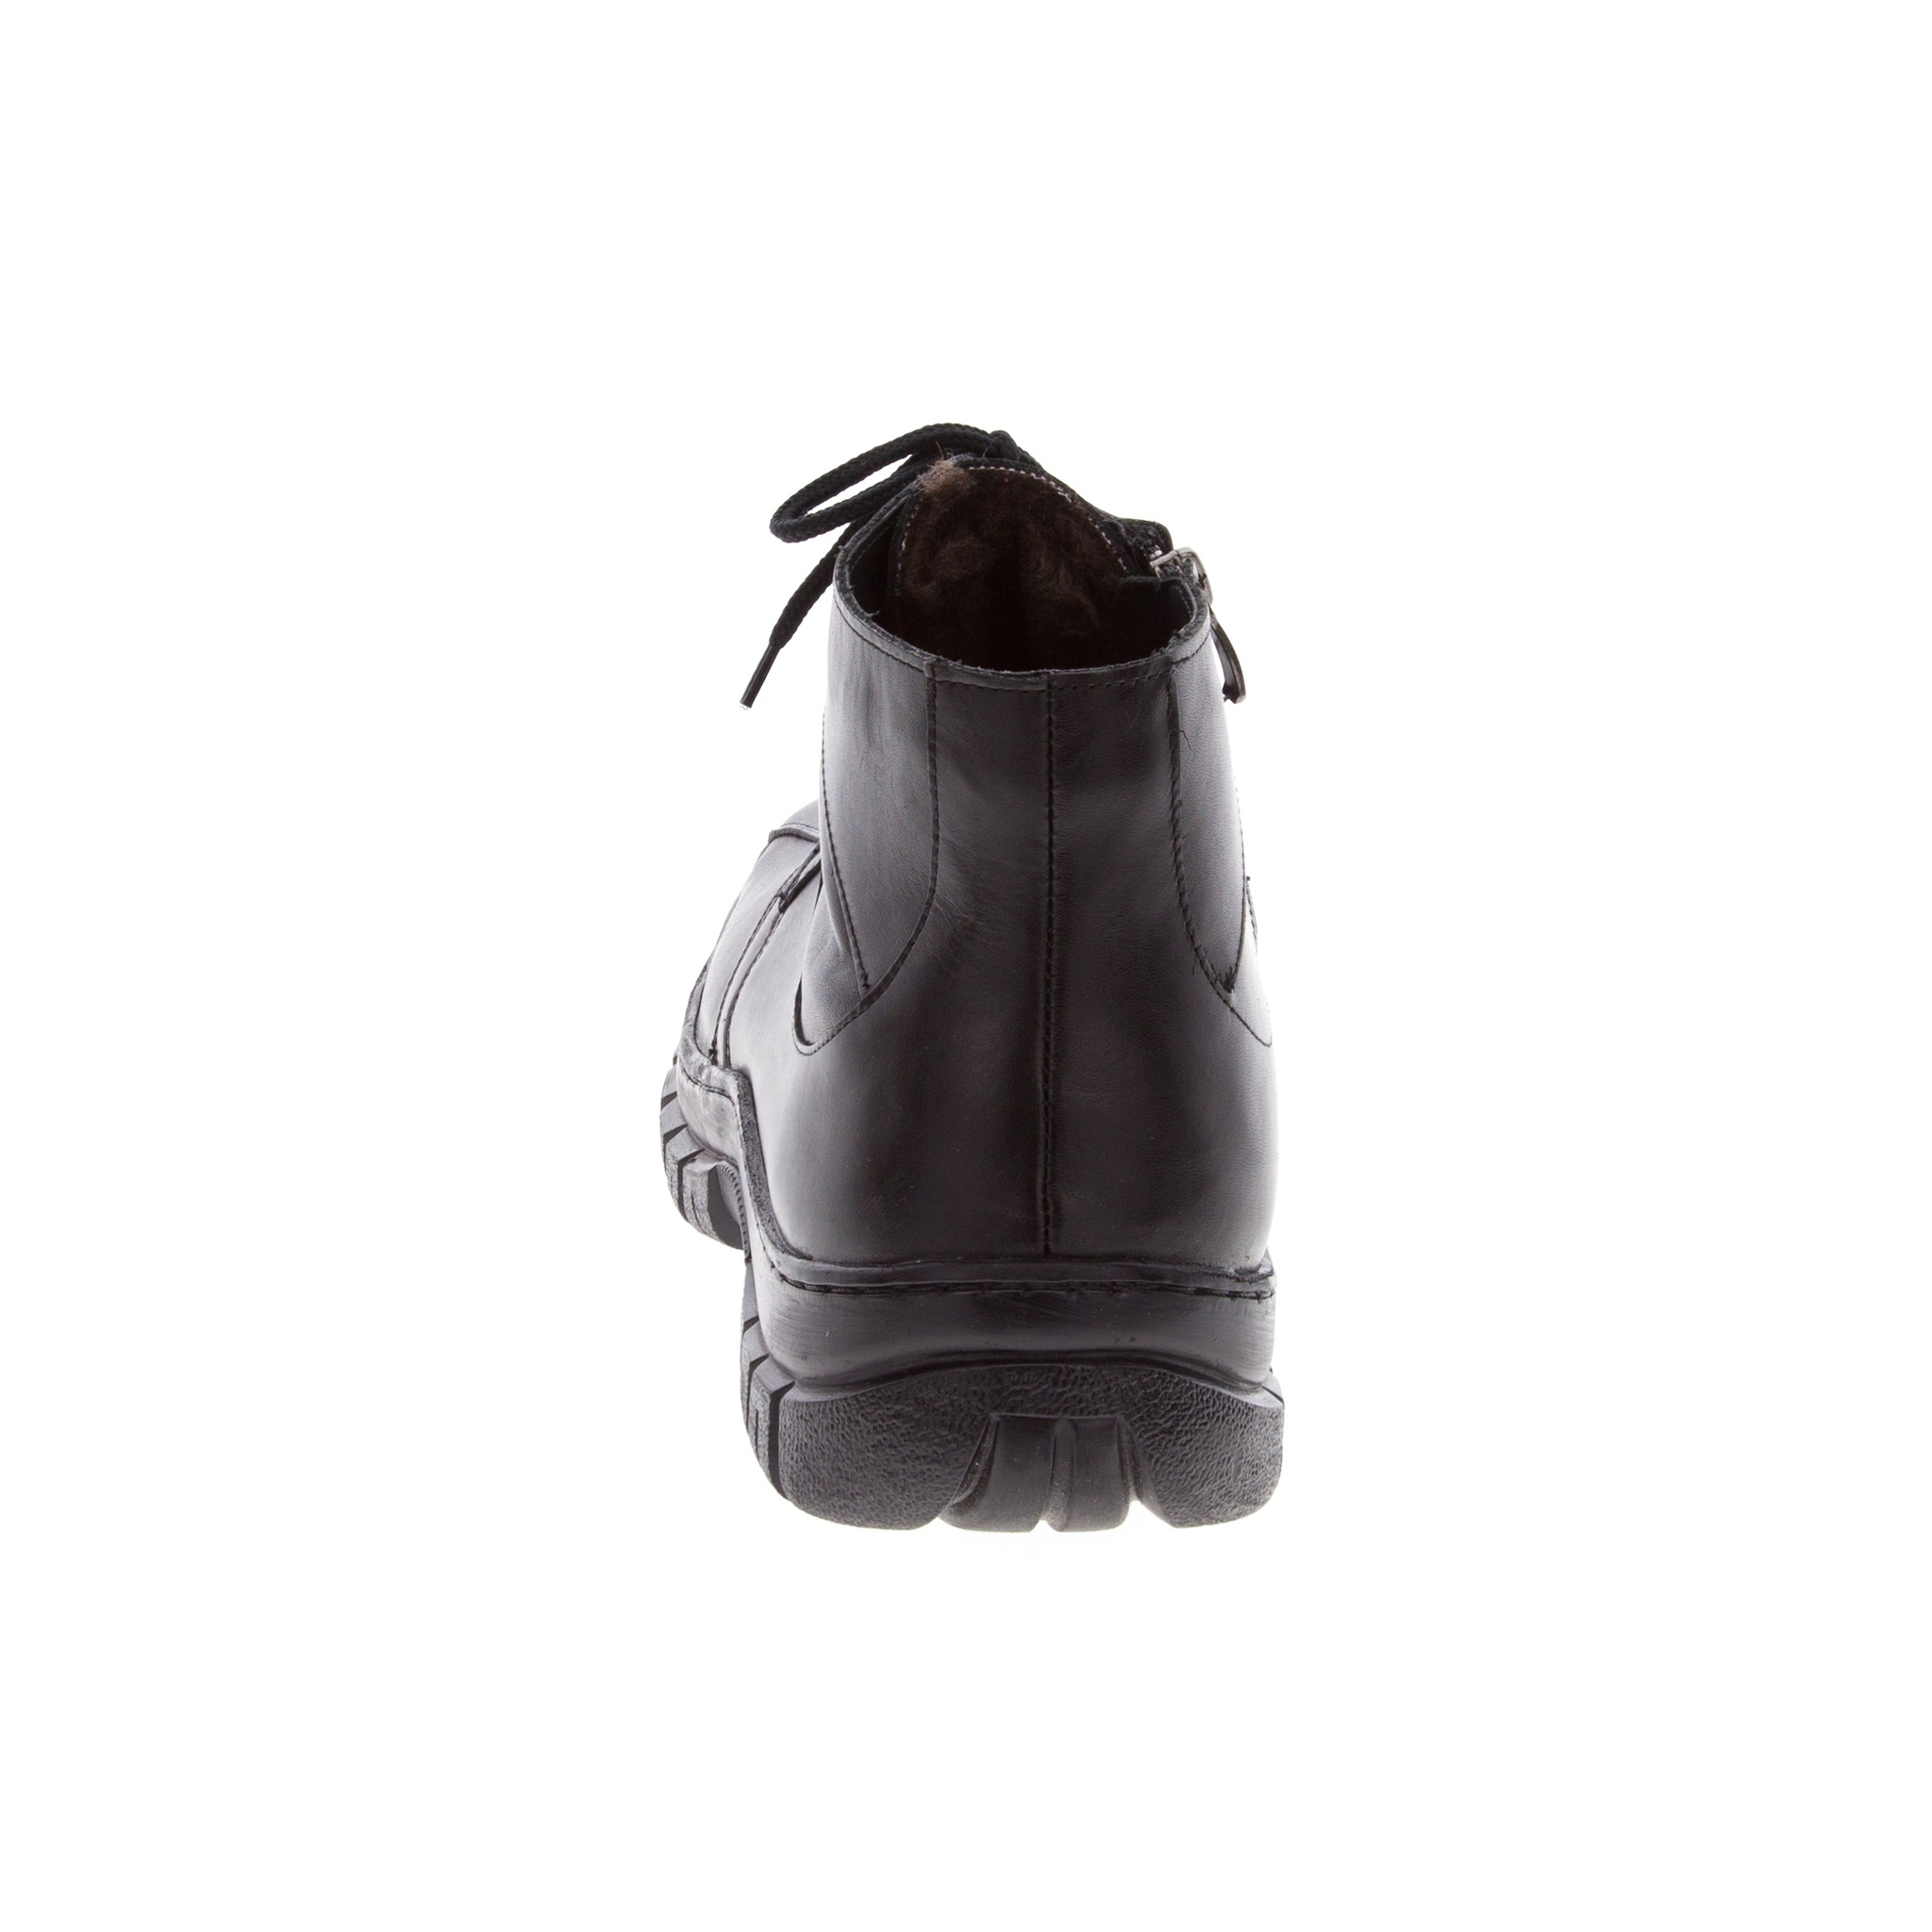 064414 ботинки мужские больших размеров марки Делфино